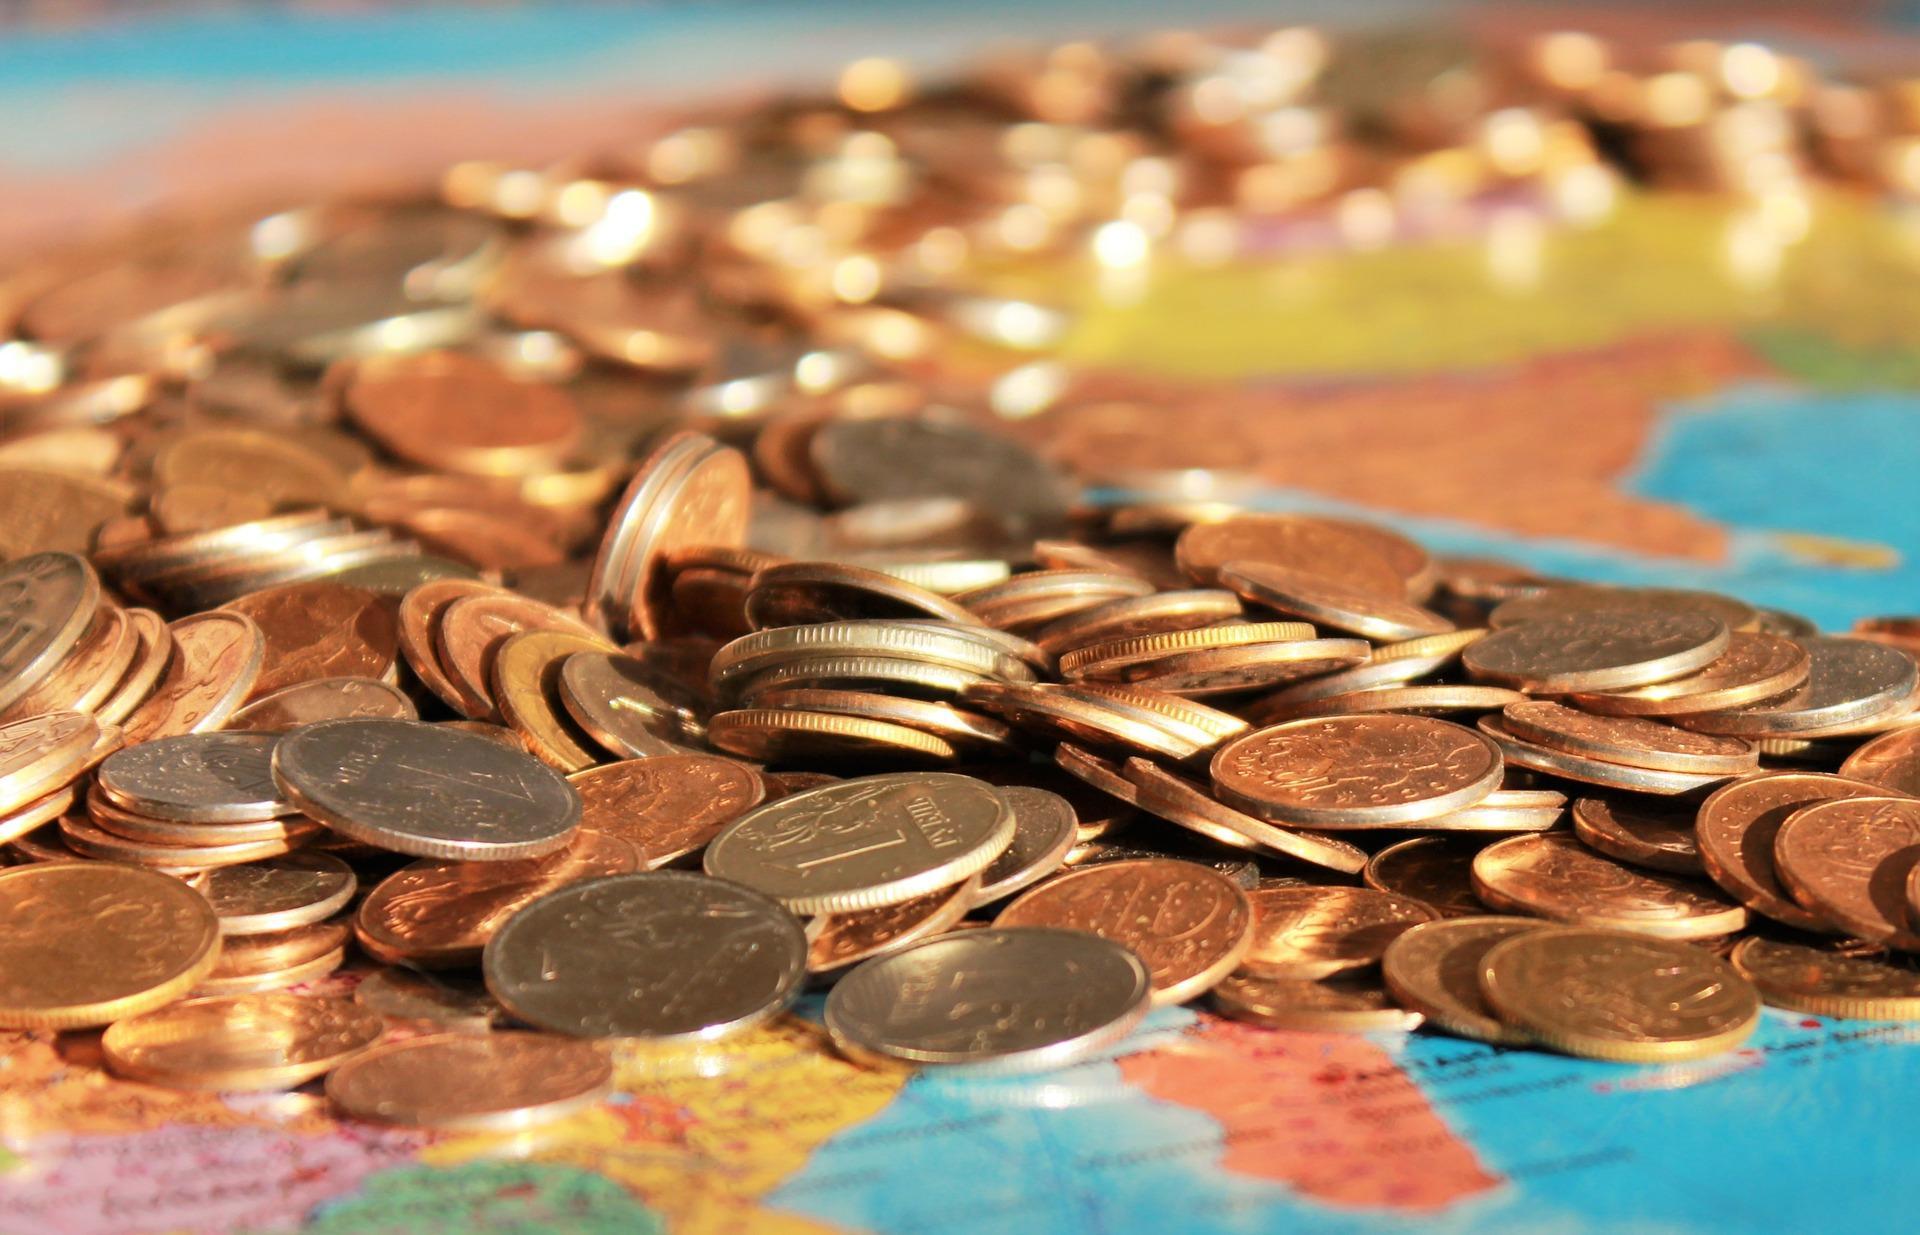 Kindergeld - und die verwendungsbezogenen Unteroffizierslehrgänge  als Berufsausbildung